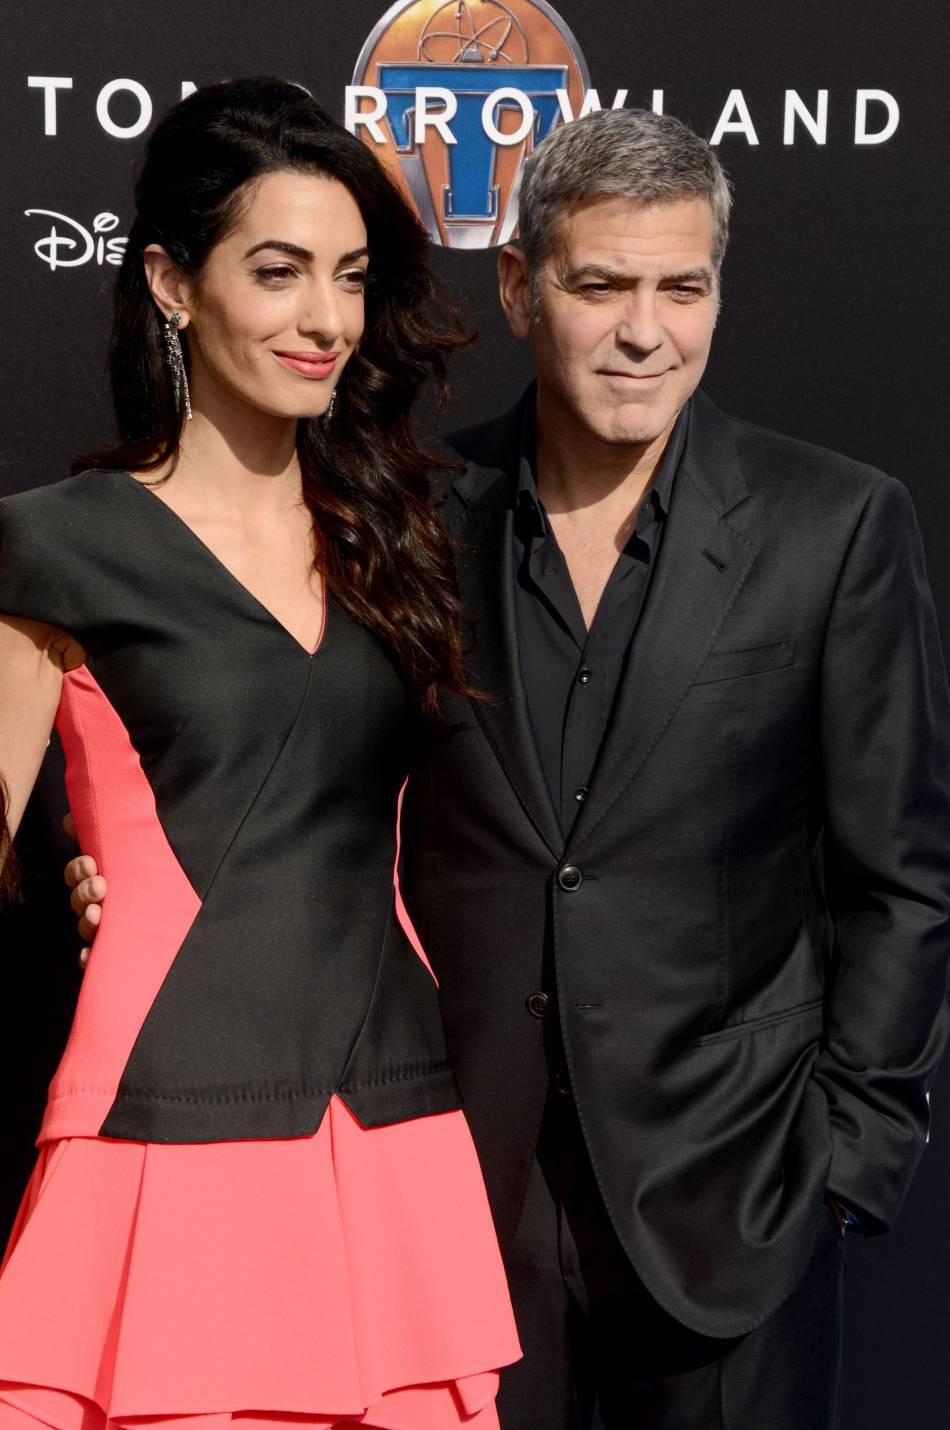 Amal et George forment l'un des couples les plus médiatiques du monde mais ils savent rester discrets sur leur vie quotidienne.